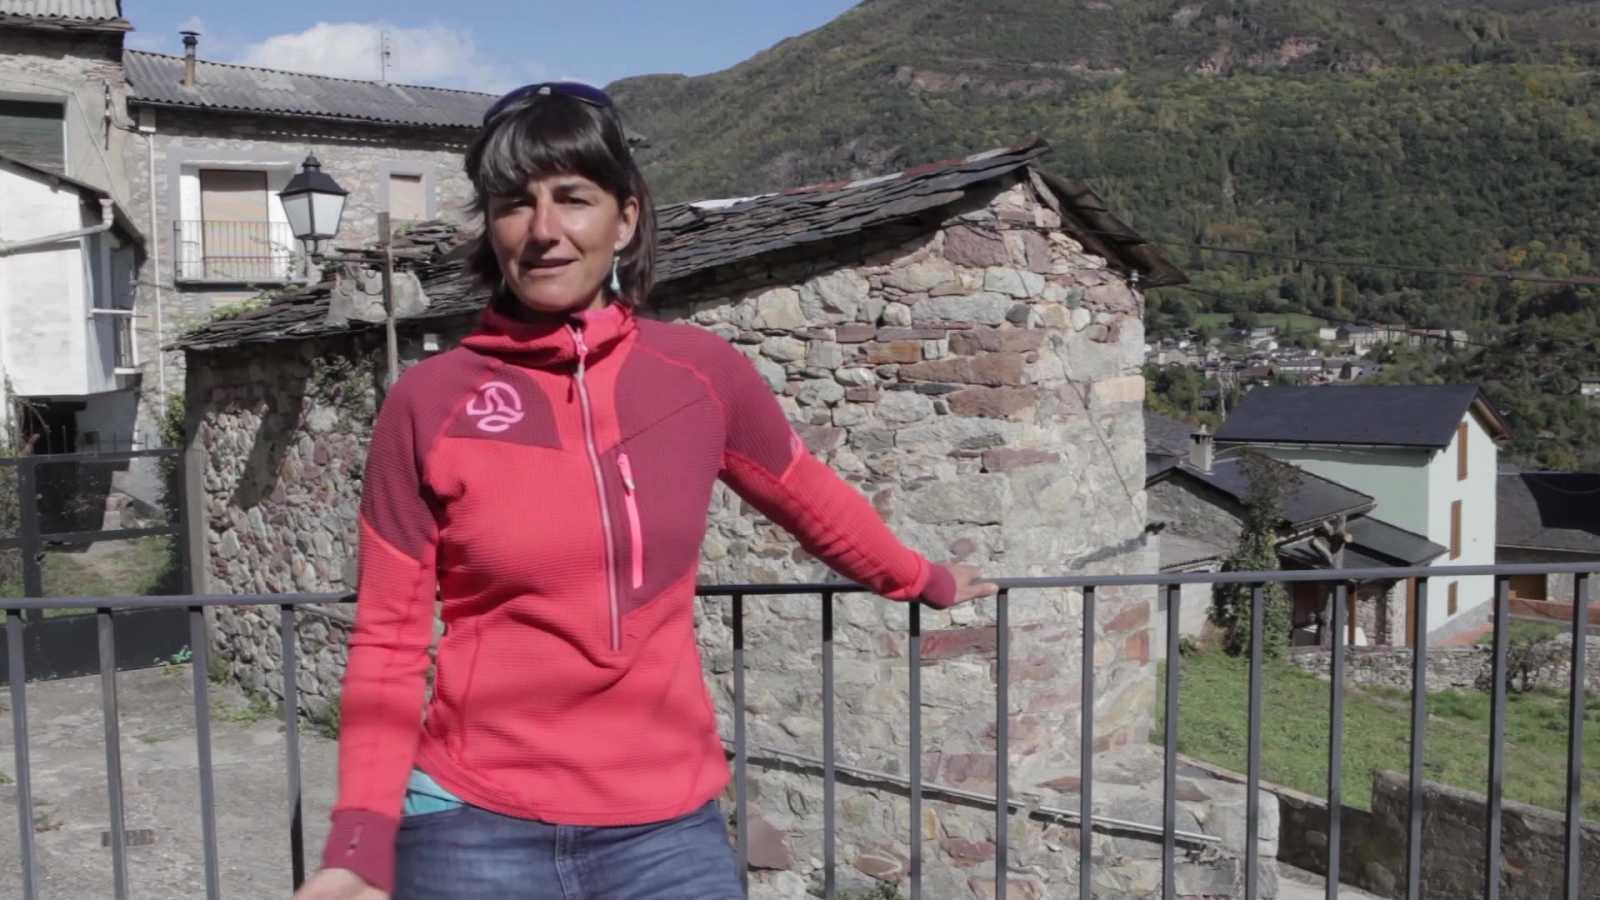 """Deportes de montaña - Serie Mujer y deporte FEDME """"Mujer y deporte: Doce años ayudando a crecer a las montañeras"""" - ver ahora"""